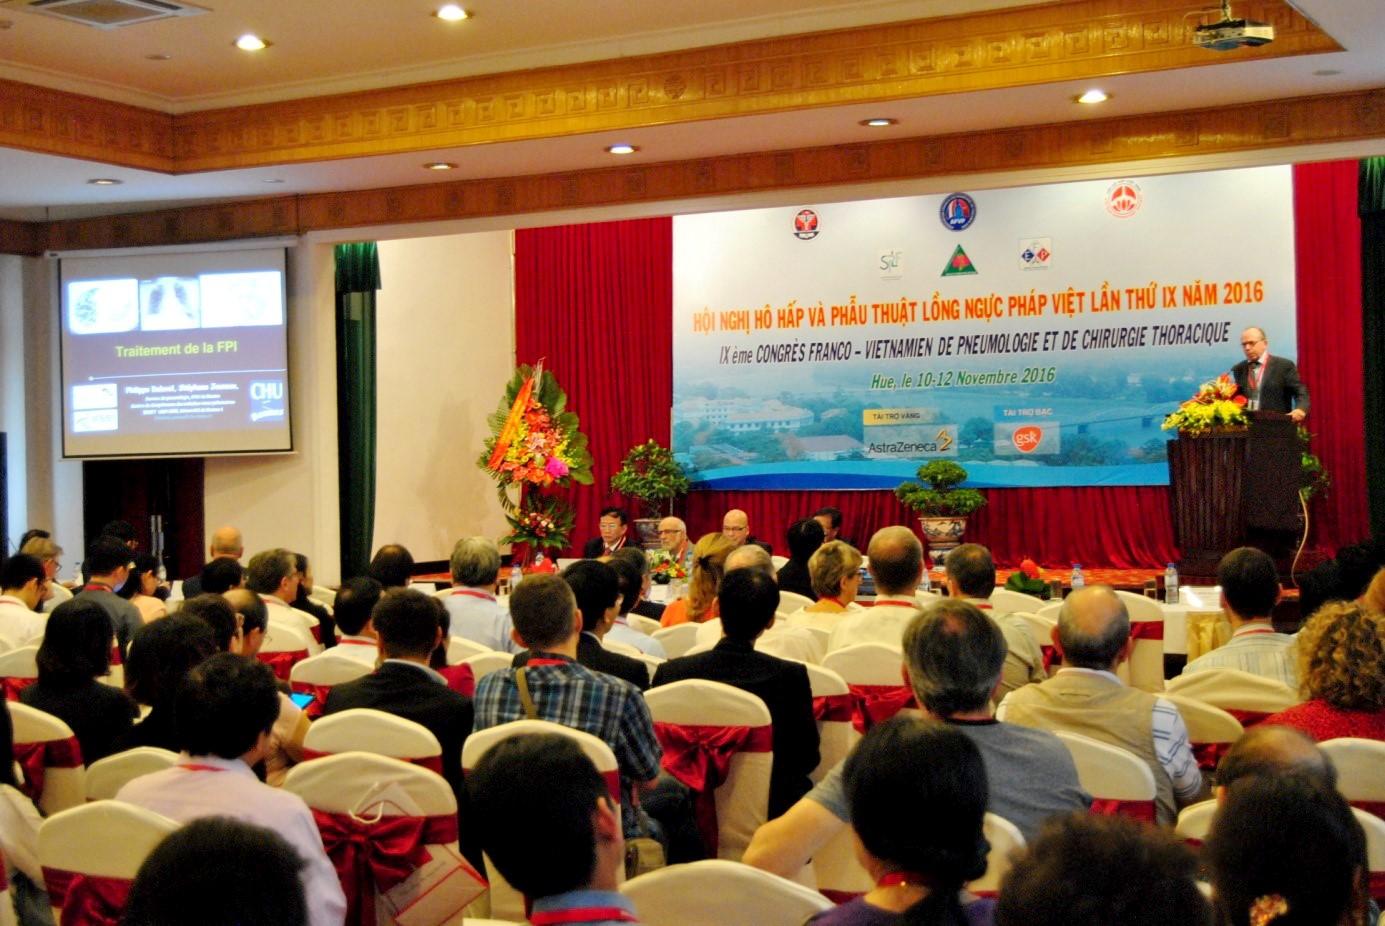 Hội nghị Hô hấp và Phẫu thuật Lồng ngực Pháp-Việt lần thứ IX